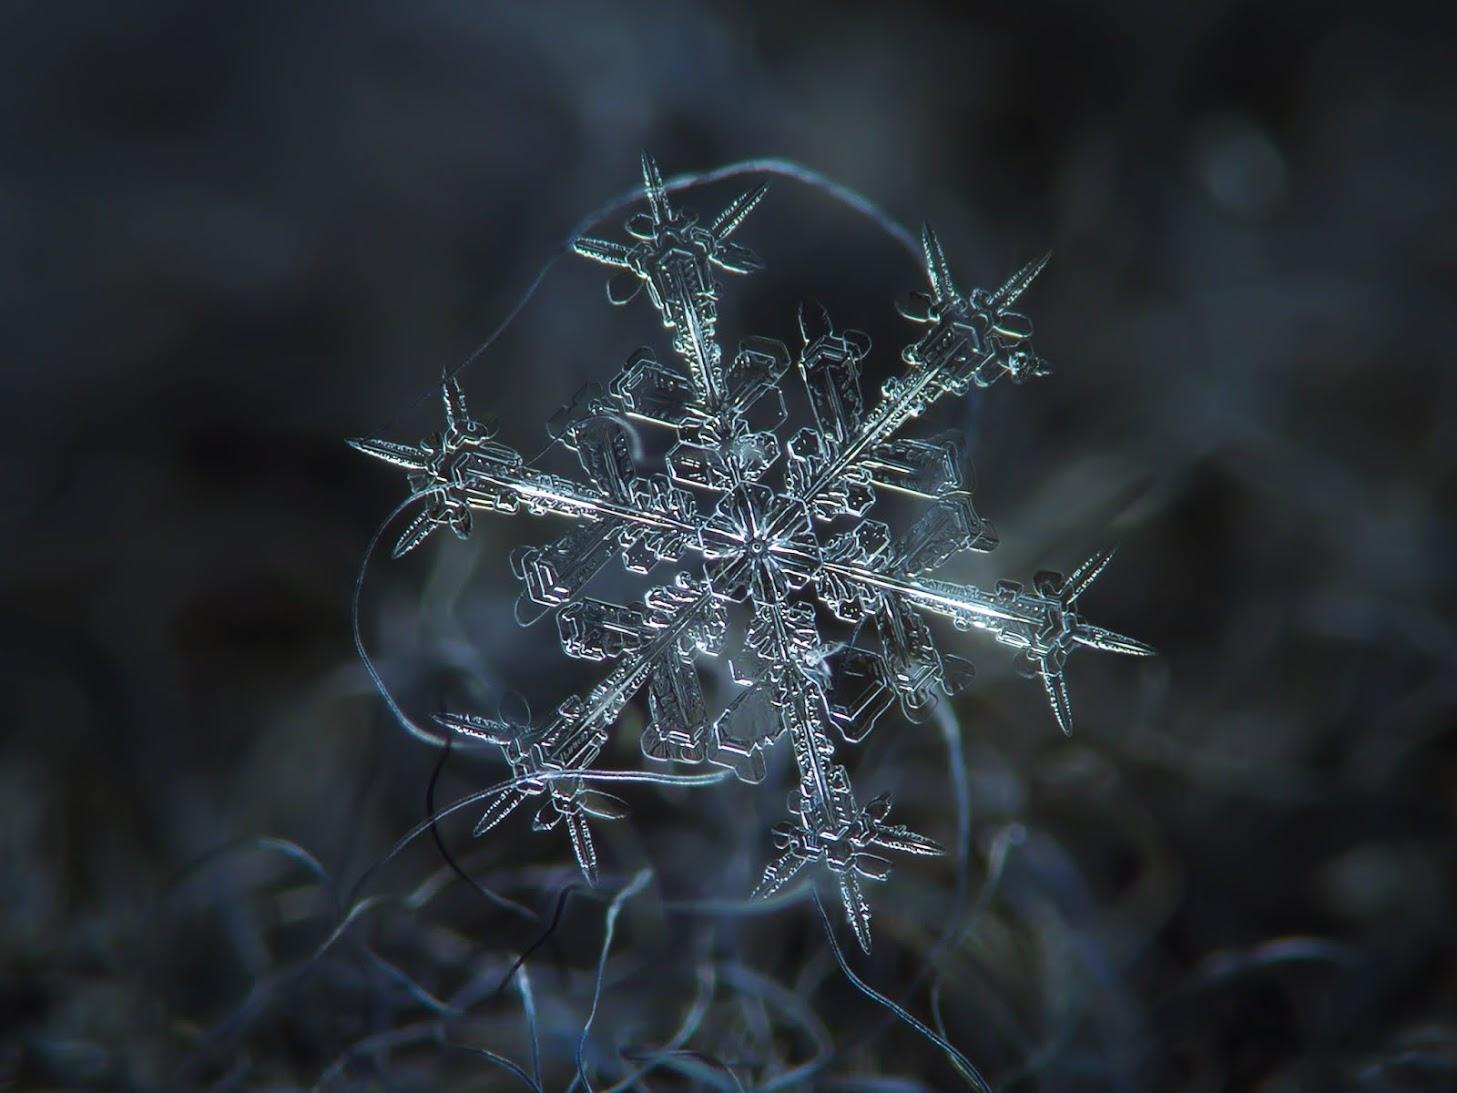 [Fotografía] Copos de nieve, un espectáculo fractal de Alexey Kljatov